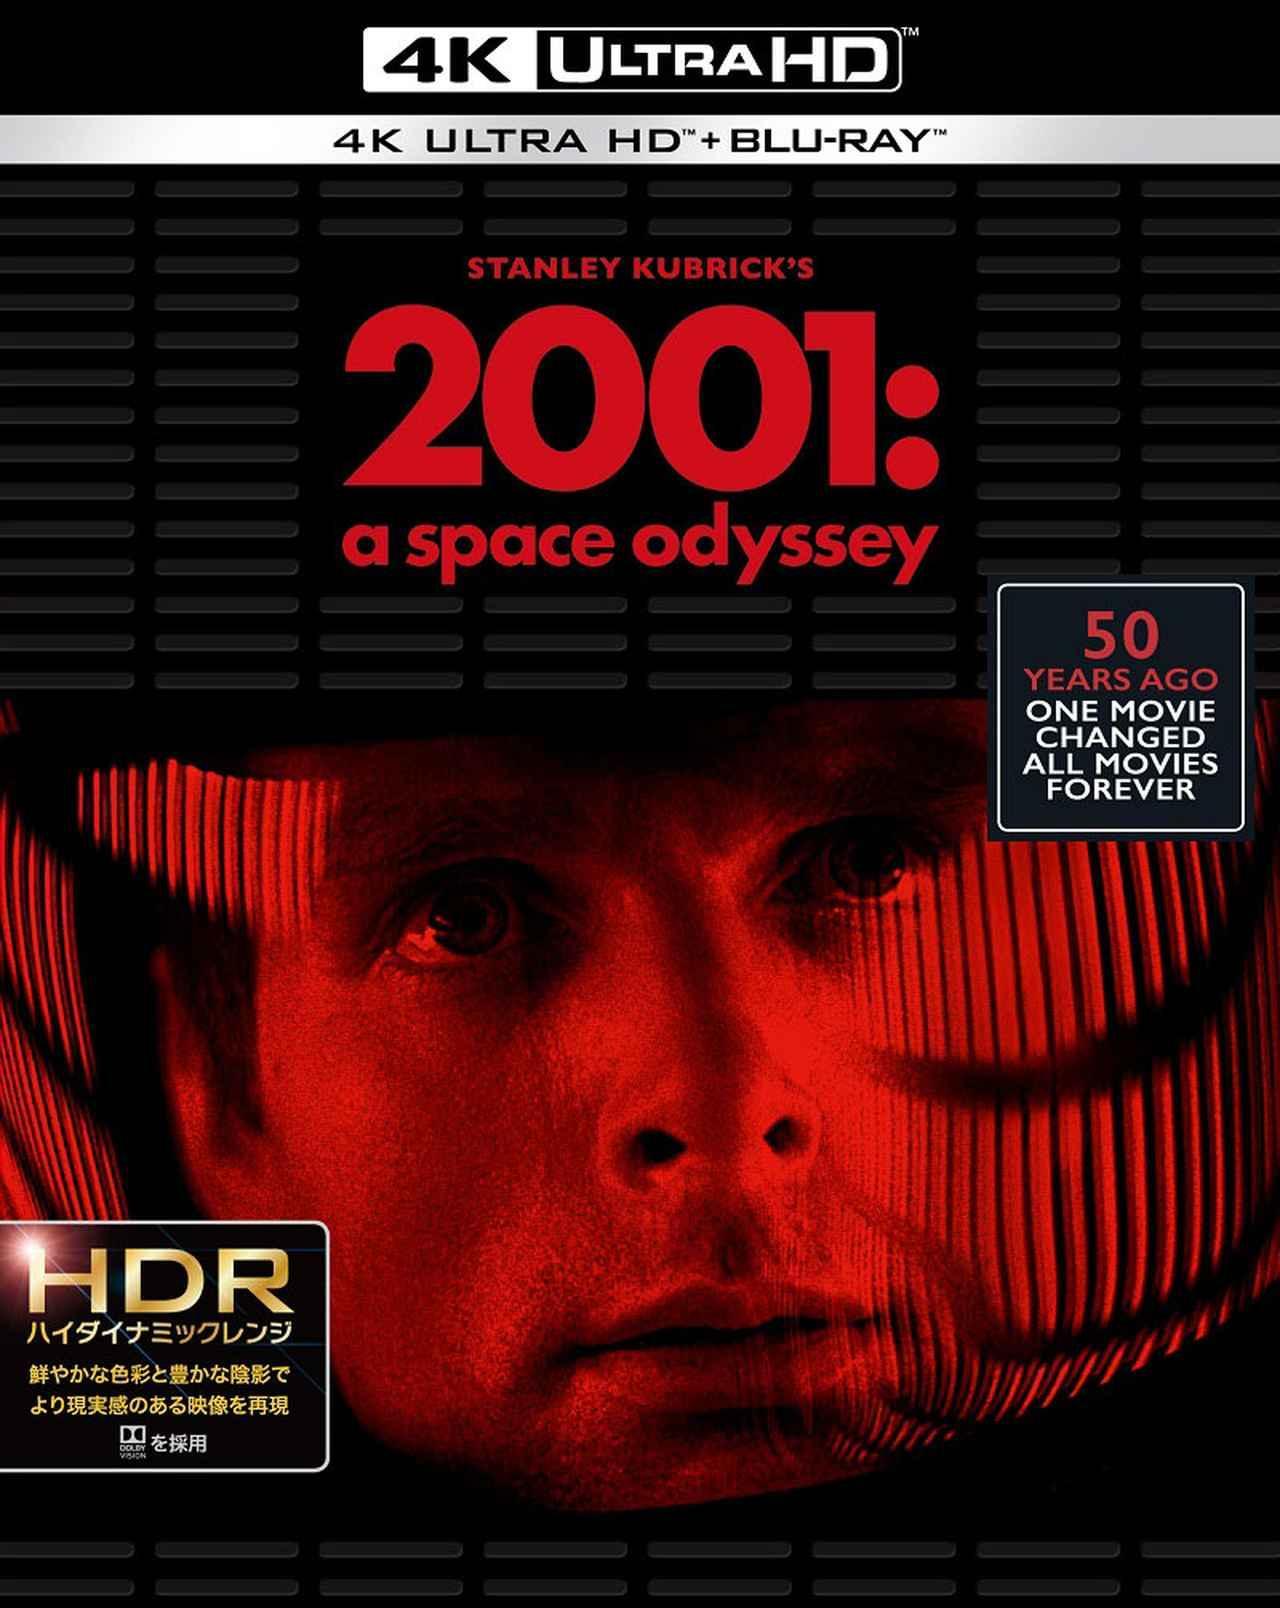 画像1: 大画面愛好家必携の名作『2001年宇宙の旅』が、11月21日遂にUHD Blu-rayで登場。10月19日からは全国でIMAX上映もスタート